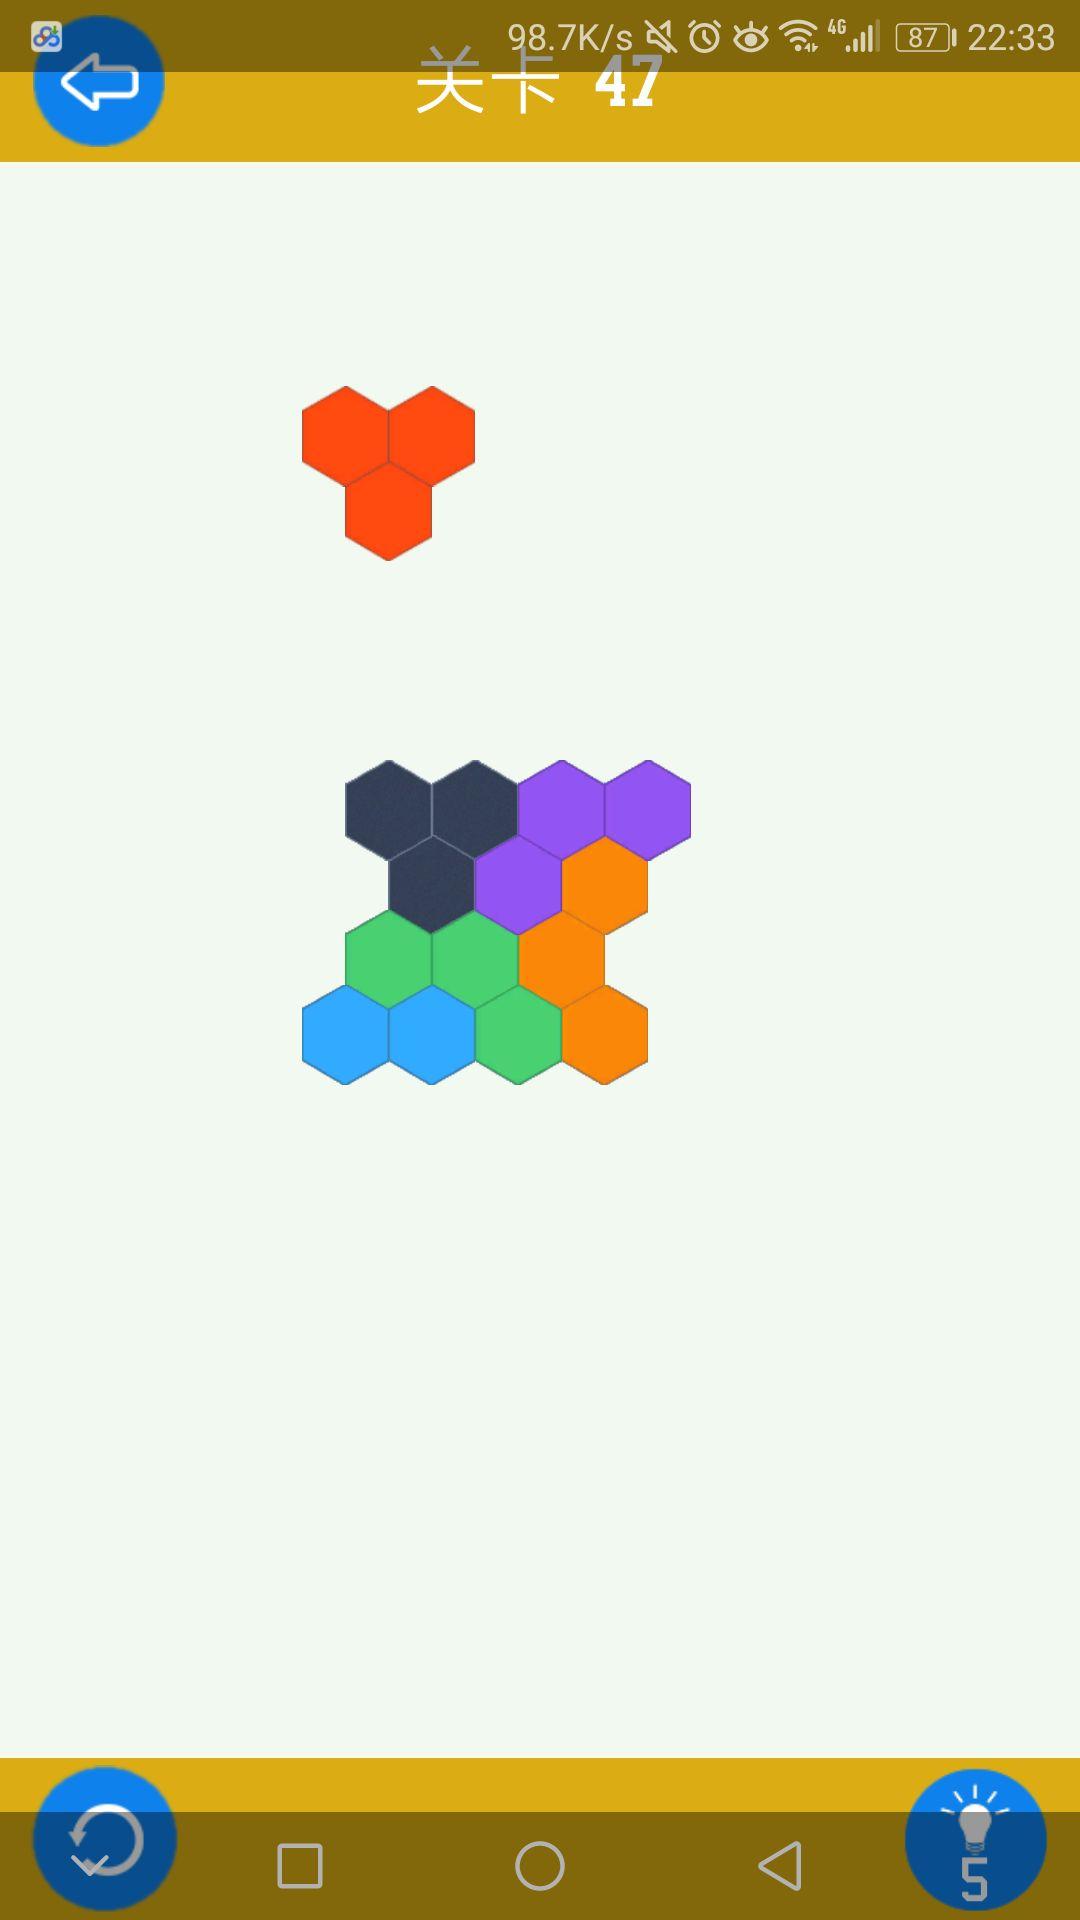 六边形拼图简单第47关通关攻略